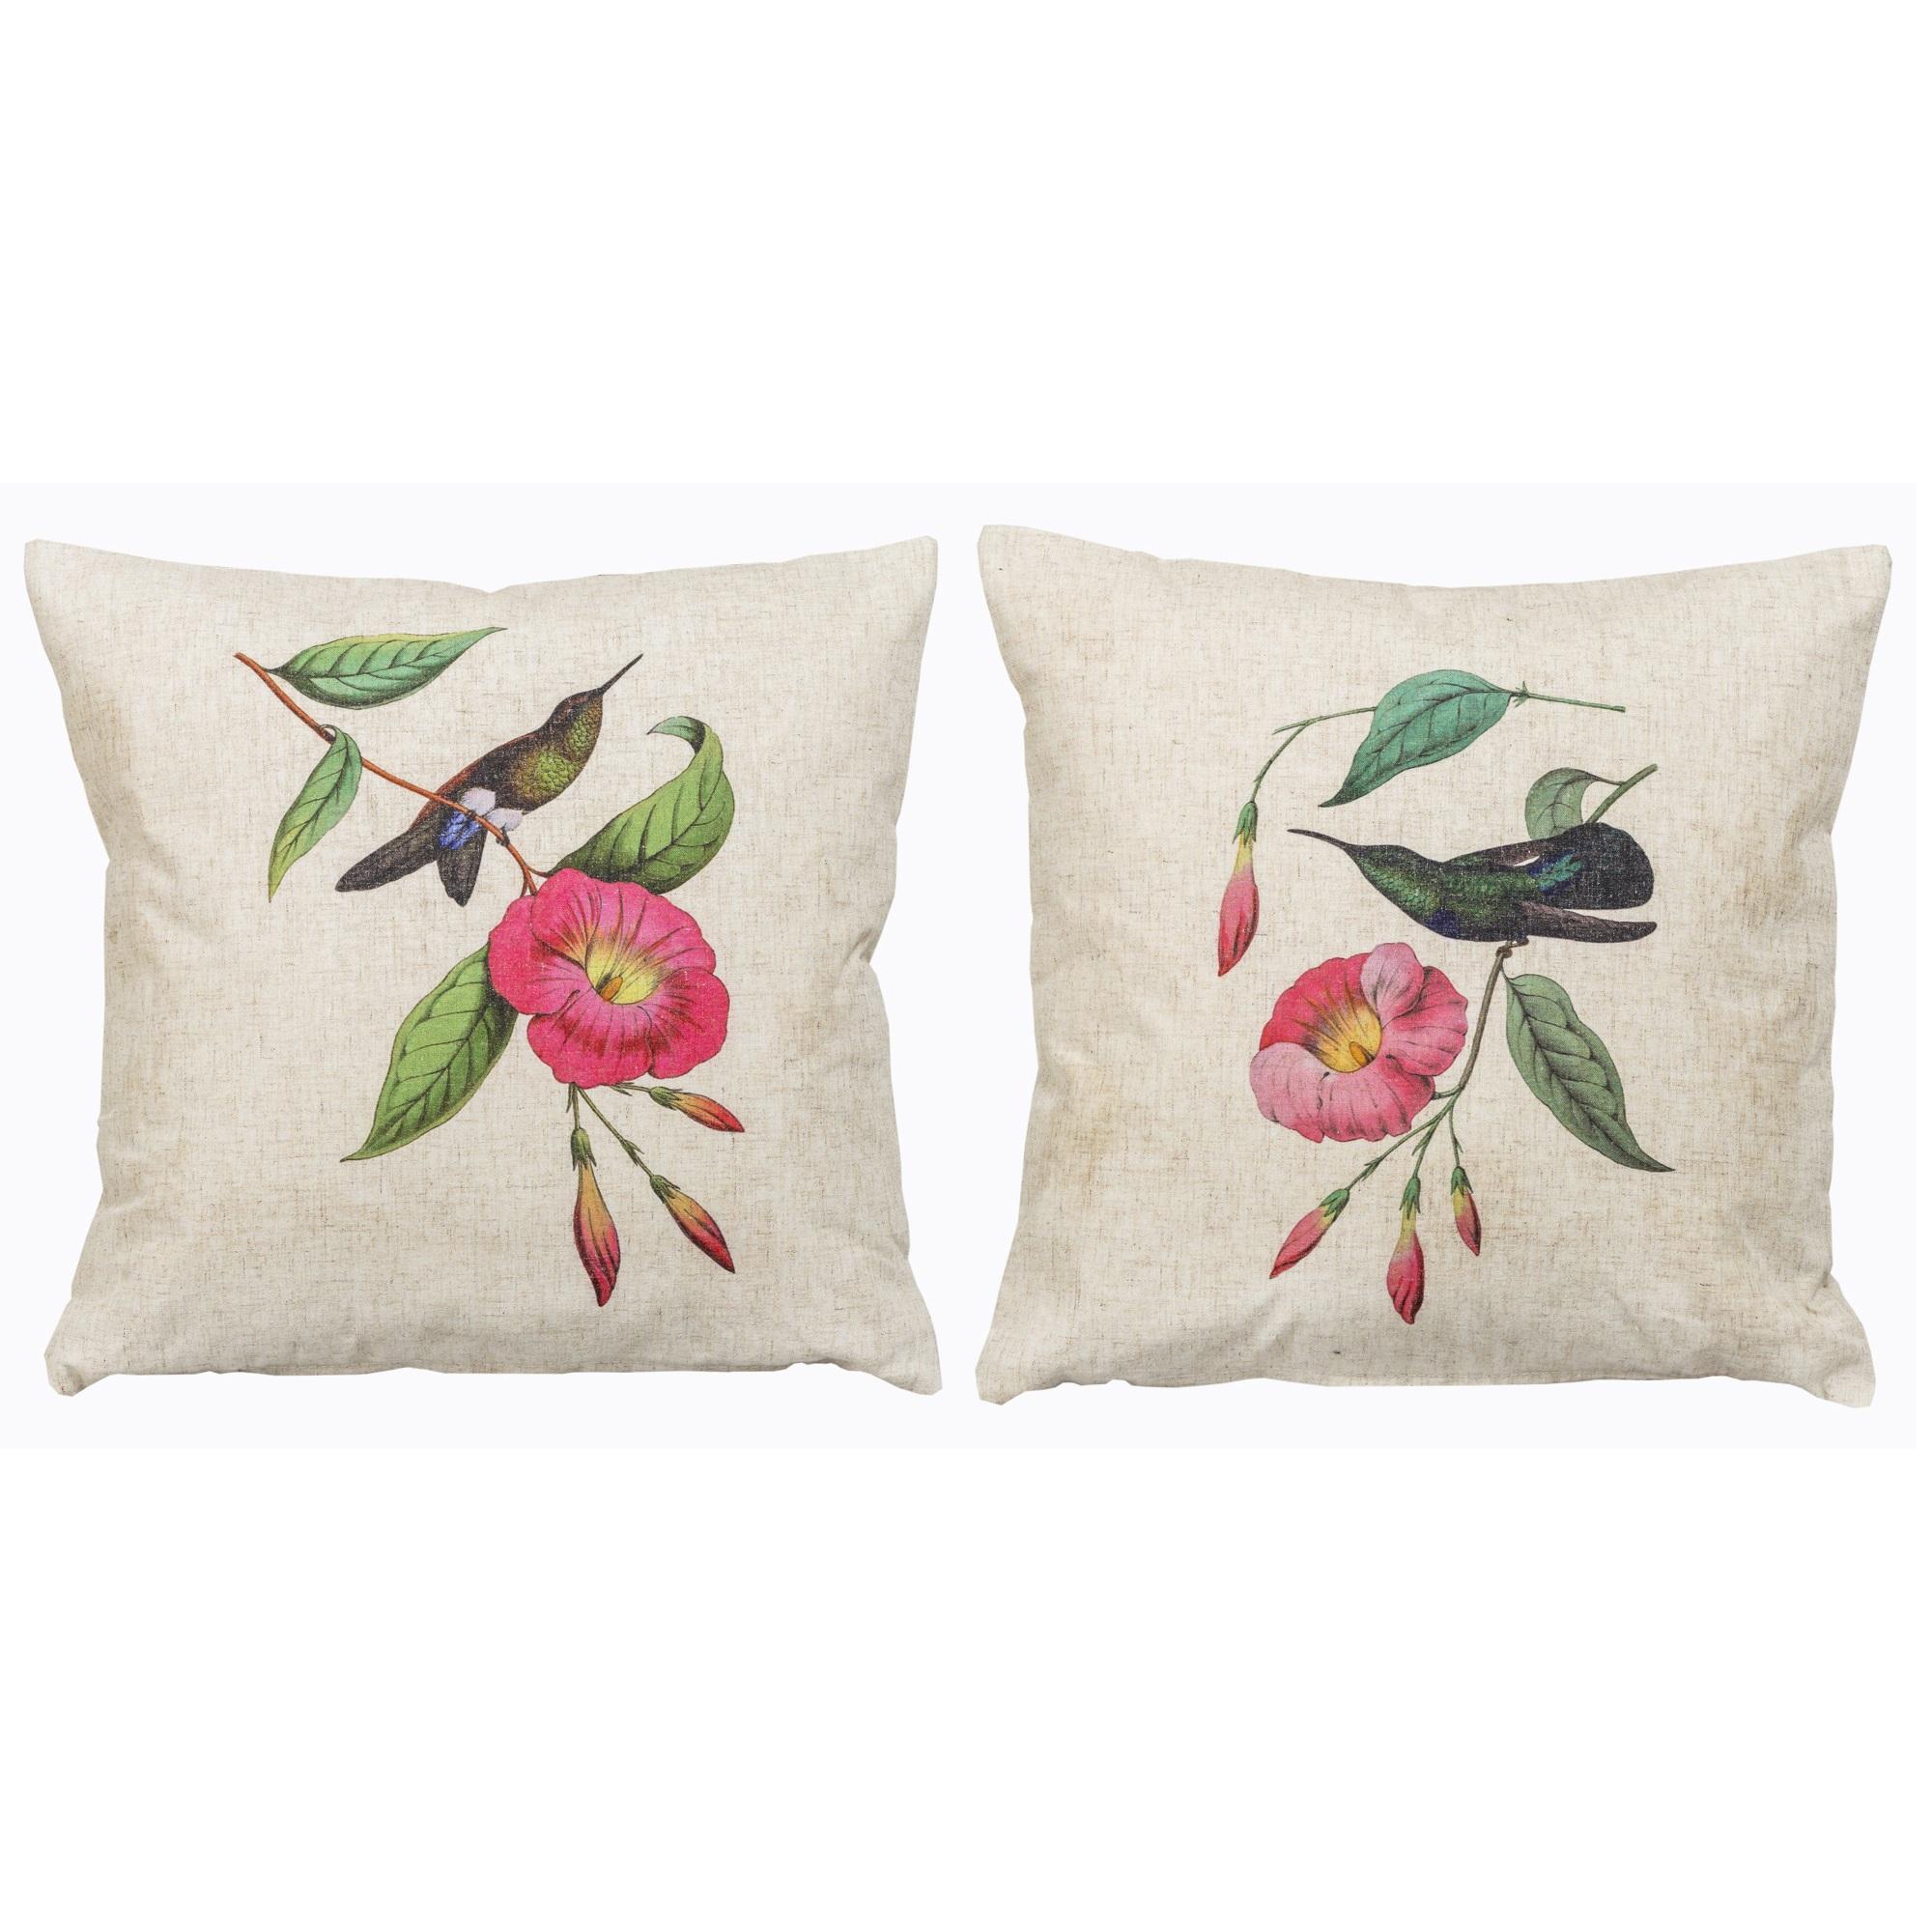 Набор из двух декоративных подушек Птица счастьяКвадратные подушки<br>Декоративные подушки серии &amp;quot;Птица счастья&amp;quot; - атмосфера эмоционального простора и свежего воздуха в Вашем доме. Для спальни, гостиной, столовой, детской комнаты и холла они способны стать оазисом позитивного настроения. Пастельные тона, нежный цветочный рисунок - автограф весны в Вашем интерьере.<br>Эти подушки уникальны:  каждый из рисунков выпущен лимитированным тиражом. <br>Плотность ткани обеспечит Вам не только дополнительную мягкость, но и максимальную долговечность любимого аксессуара.<br><br>Material: Лен<br>Width см: 45<br>Height см: 45